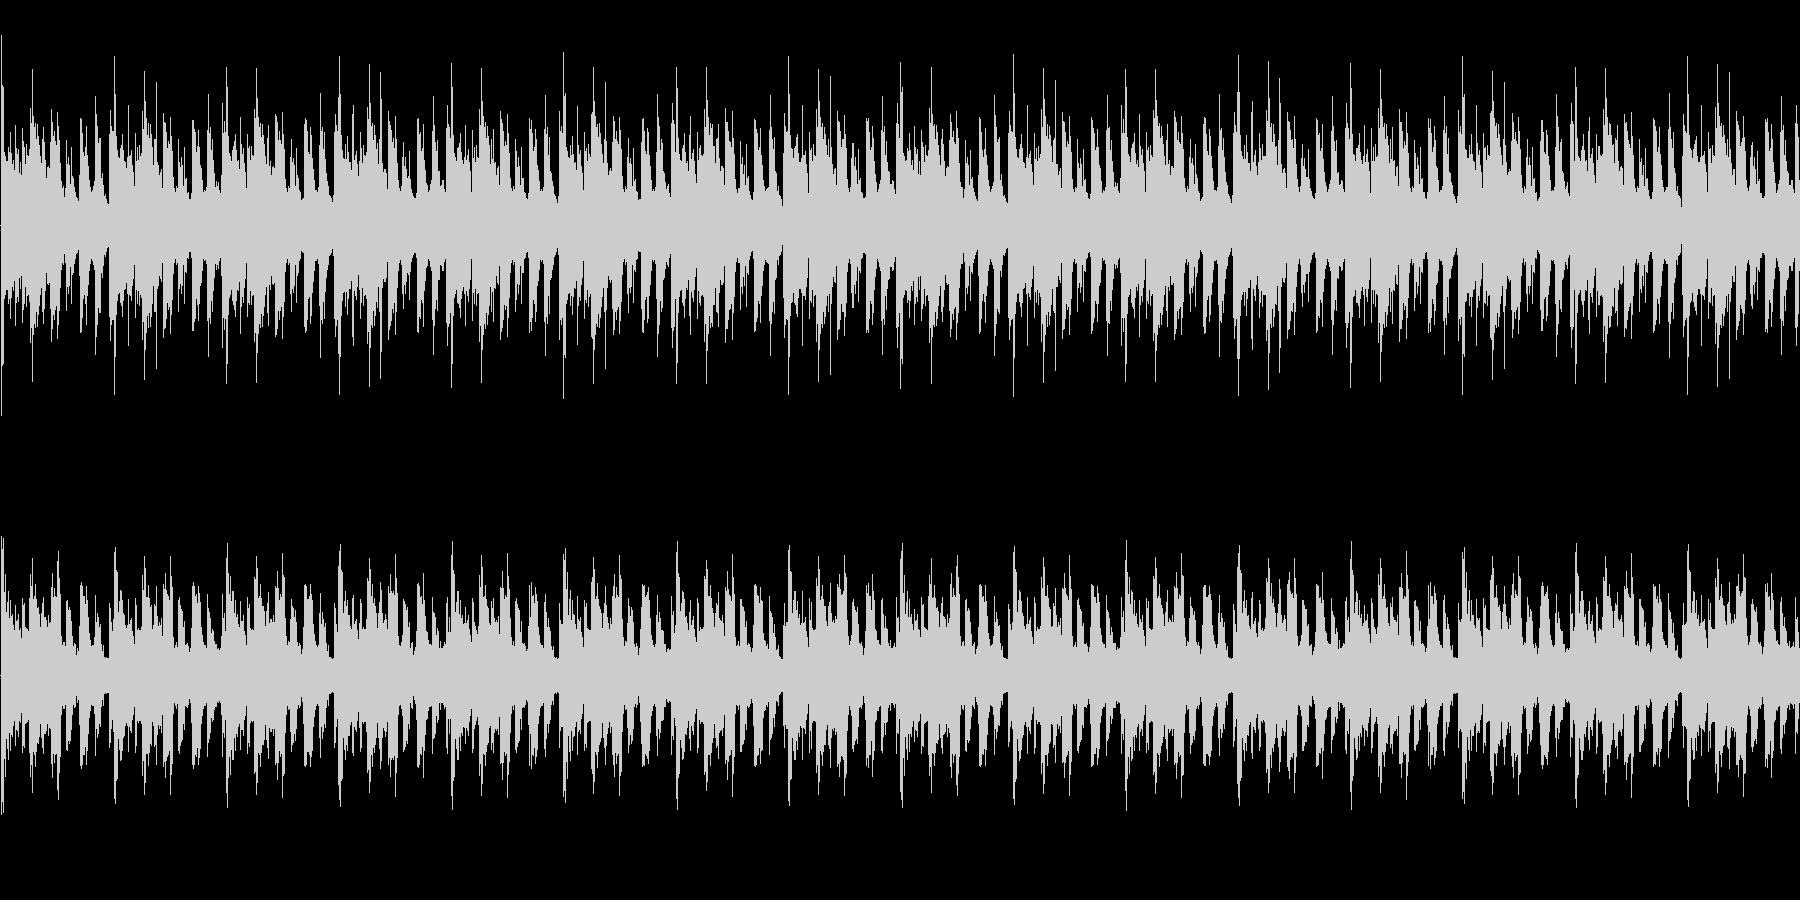 【海/サーフロック/アコースティック】の未再生の波形